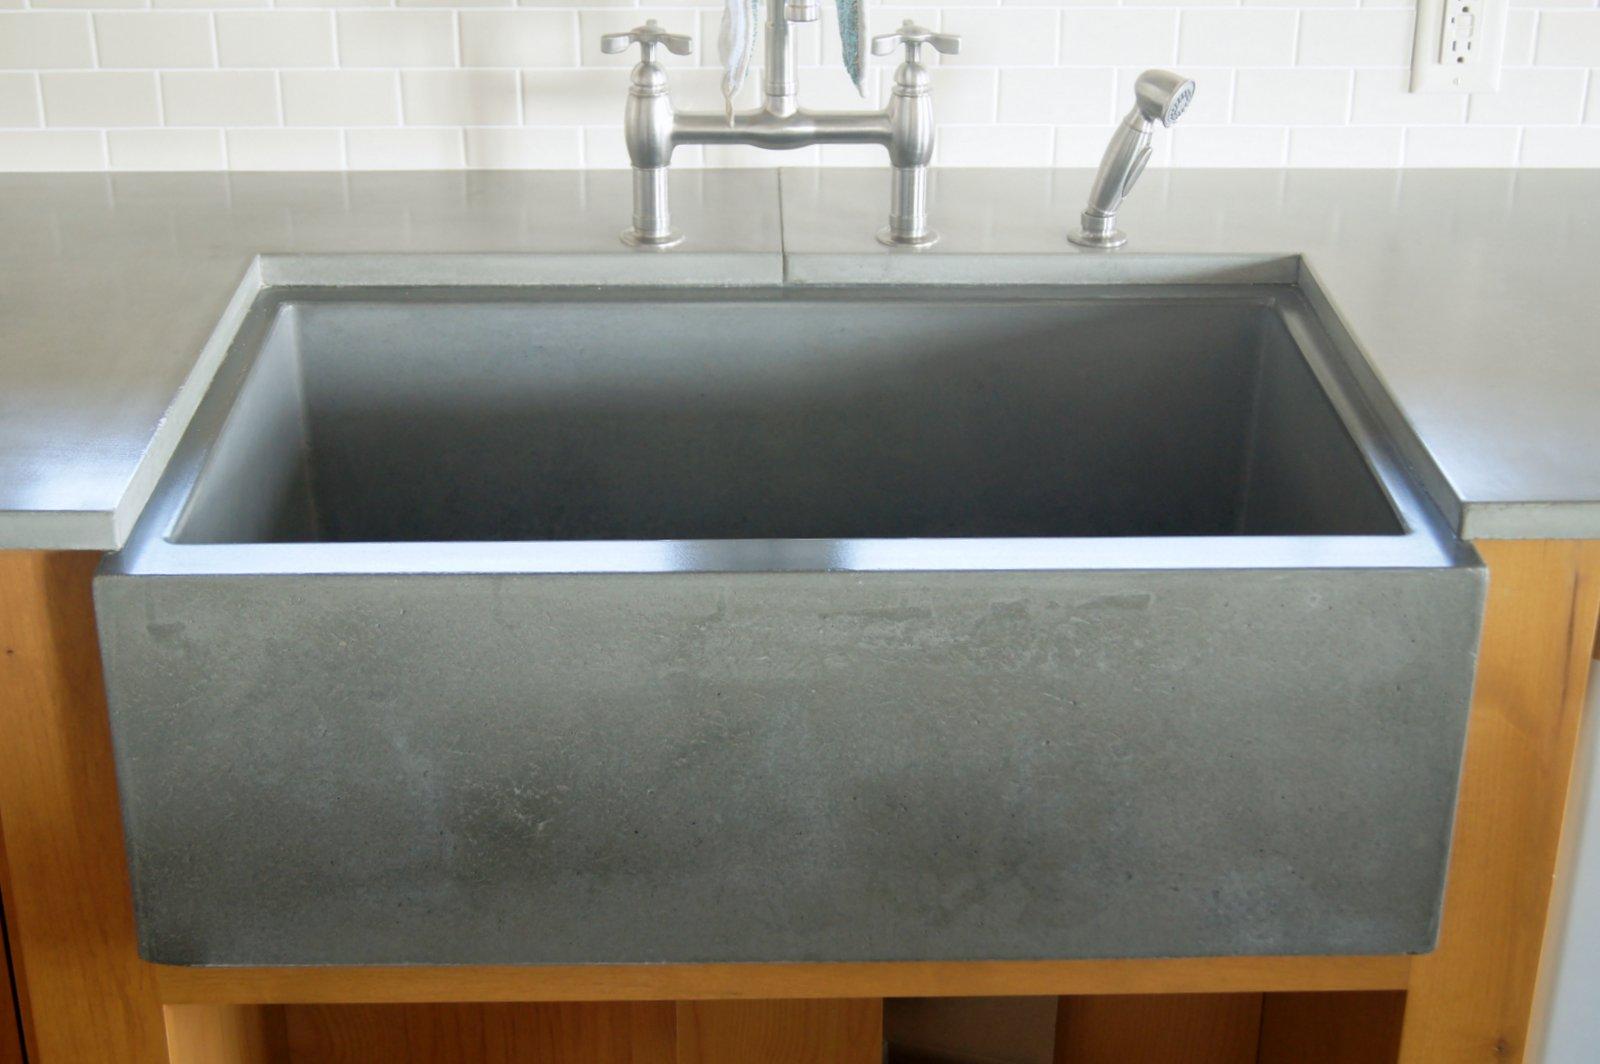 Cement Kitchen Sink Faucet Artwatch Concrete Farm